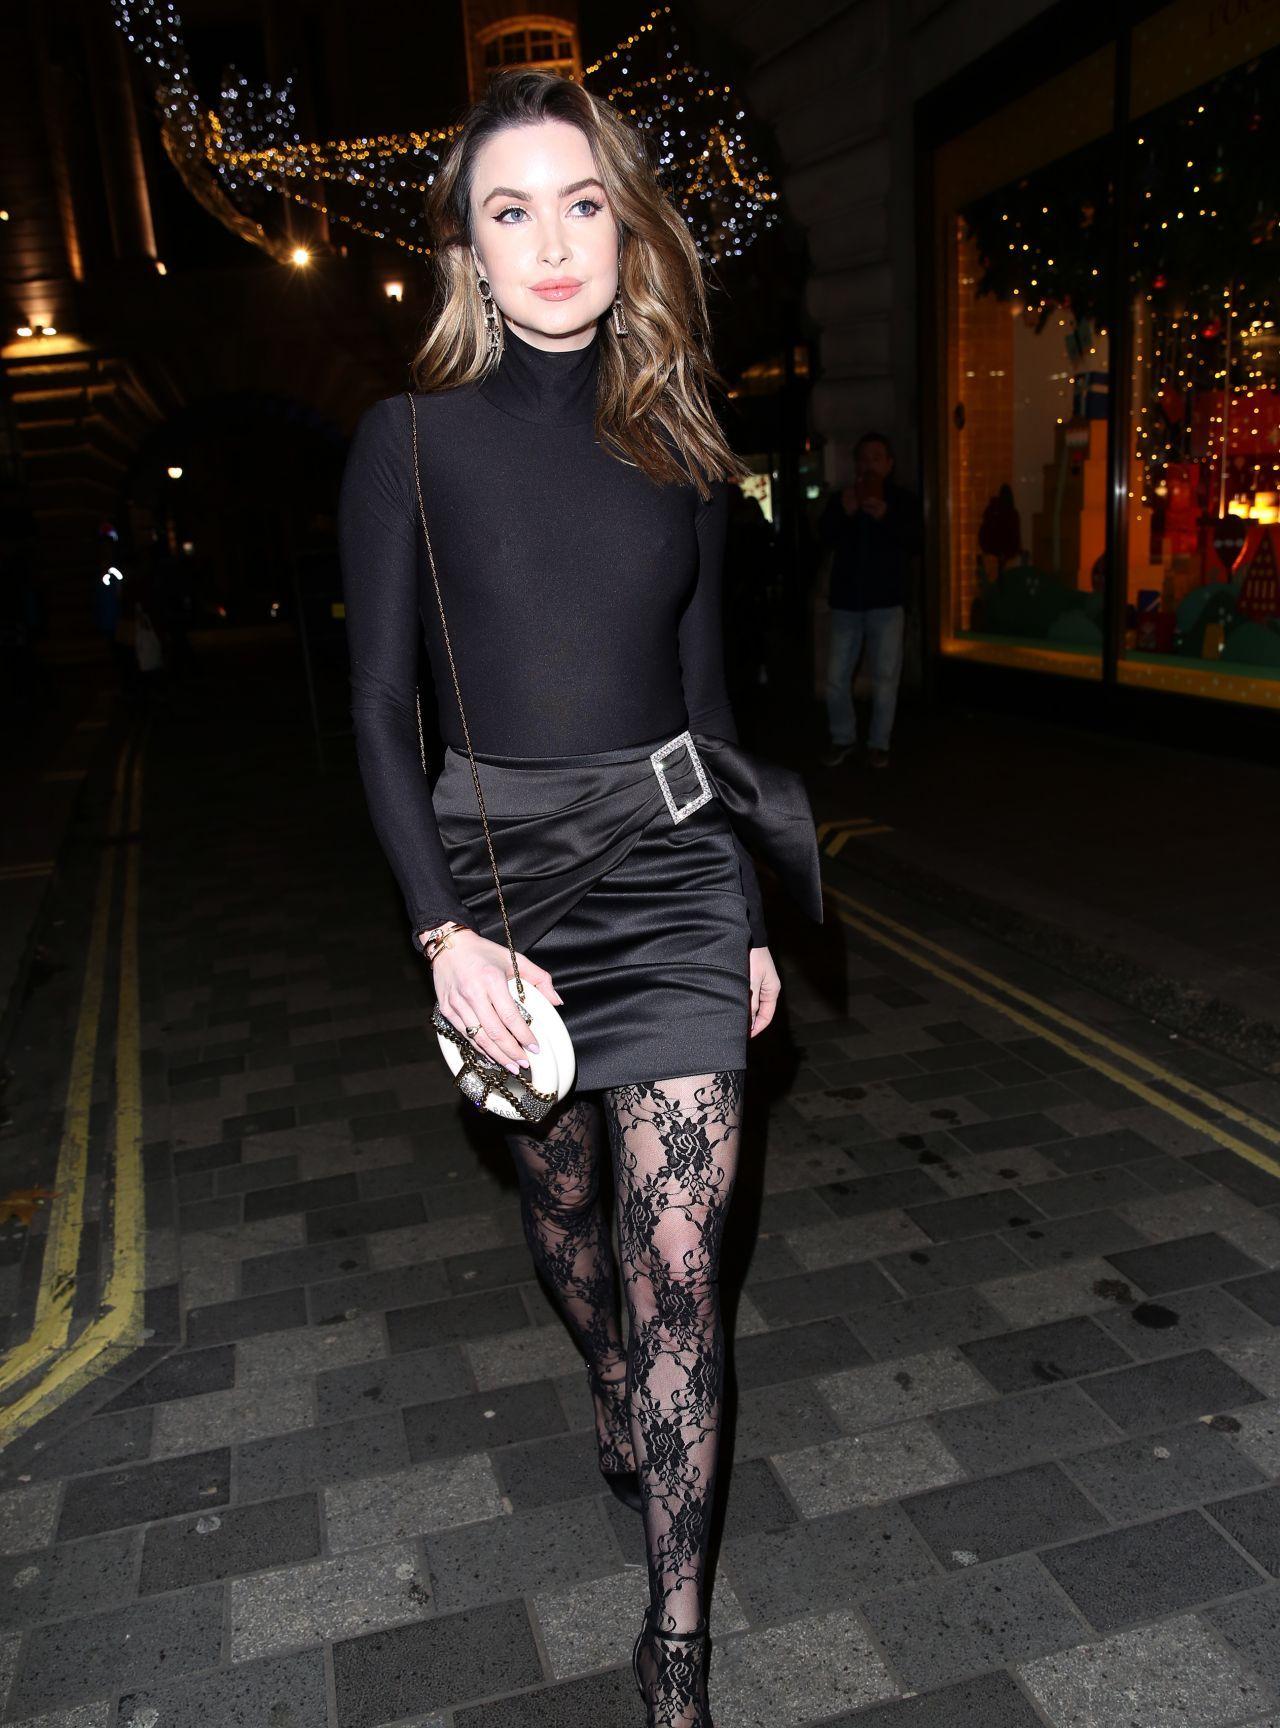 女星艾玛·米勒现身伦敦街头,她有着不一般的魅力